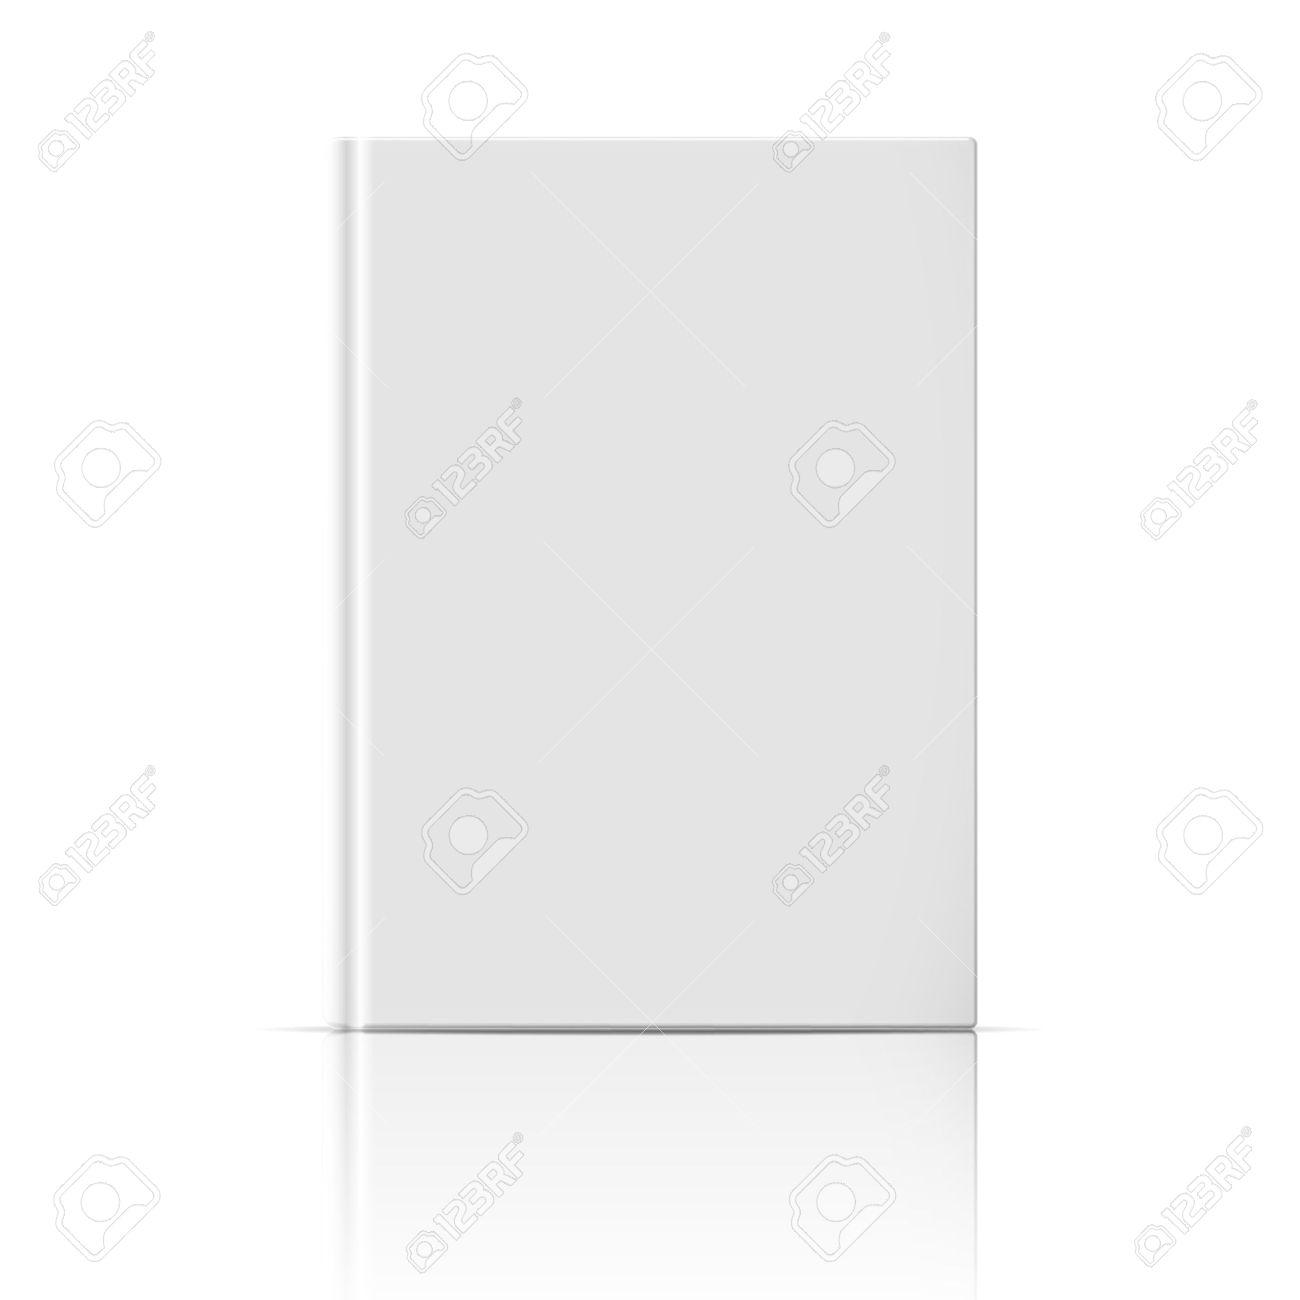 Blank Vertikale Buch-Cover-Vorlage, Die Auf Weißem Hintergrund Mit ...